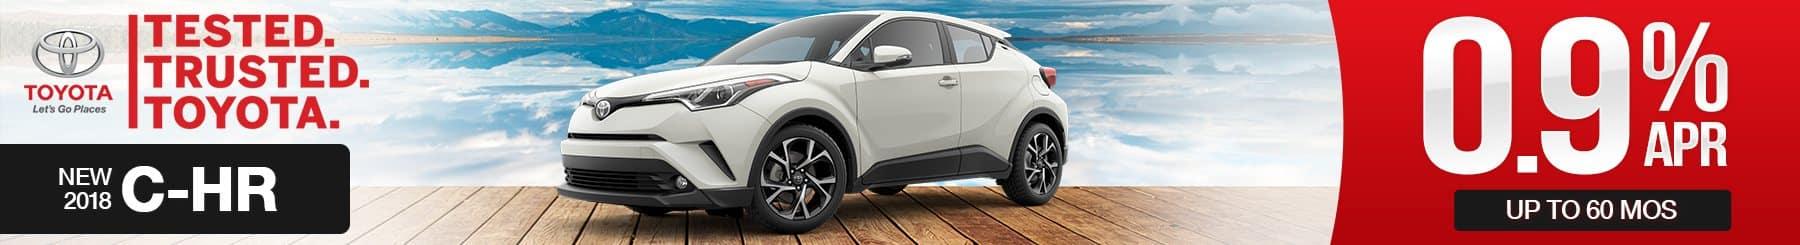 Toyota-C-HR-Finance-Special